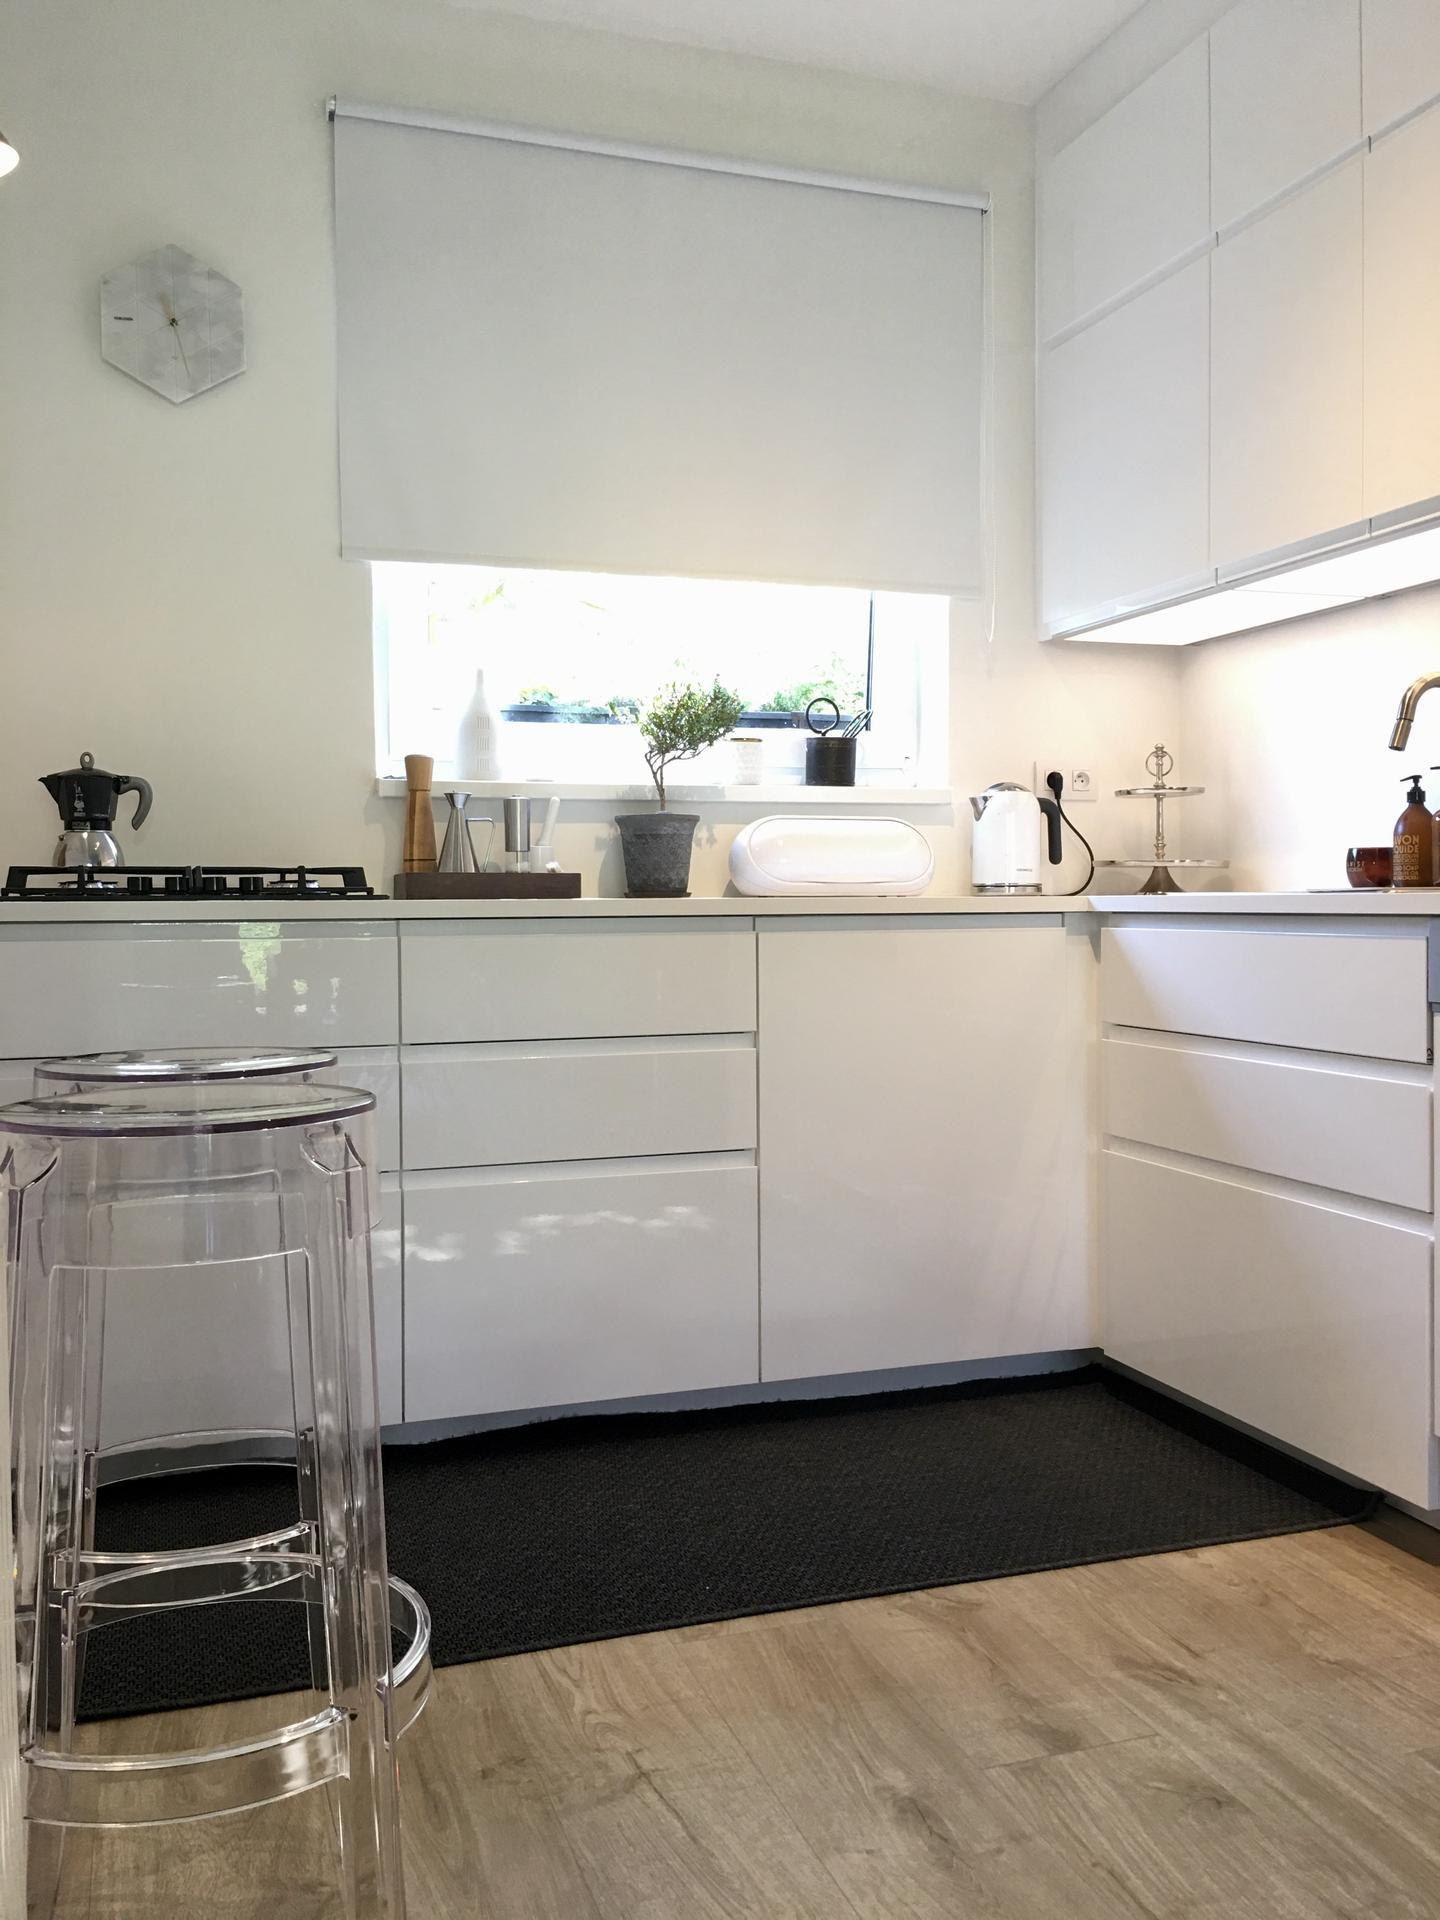 Proměny naší kuchyně - Velká spokojenost s osvětlením pracovní plochy Ikea IRSTA